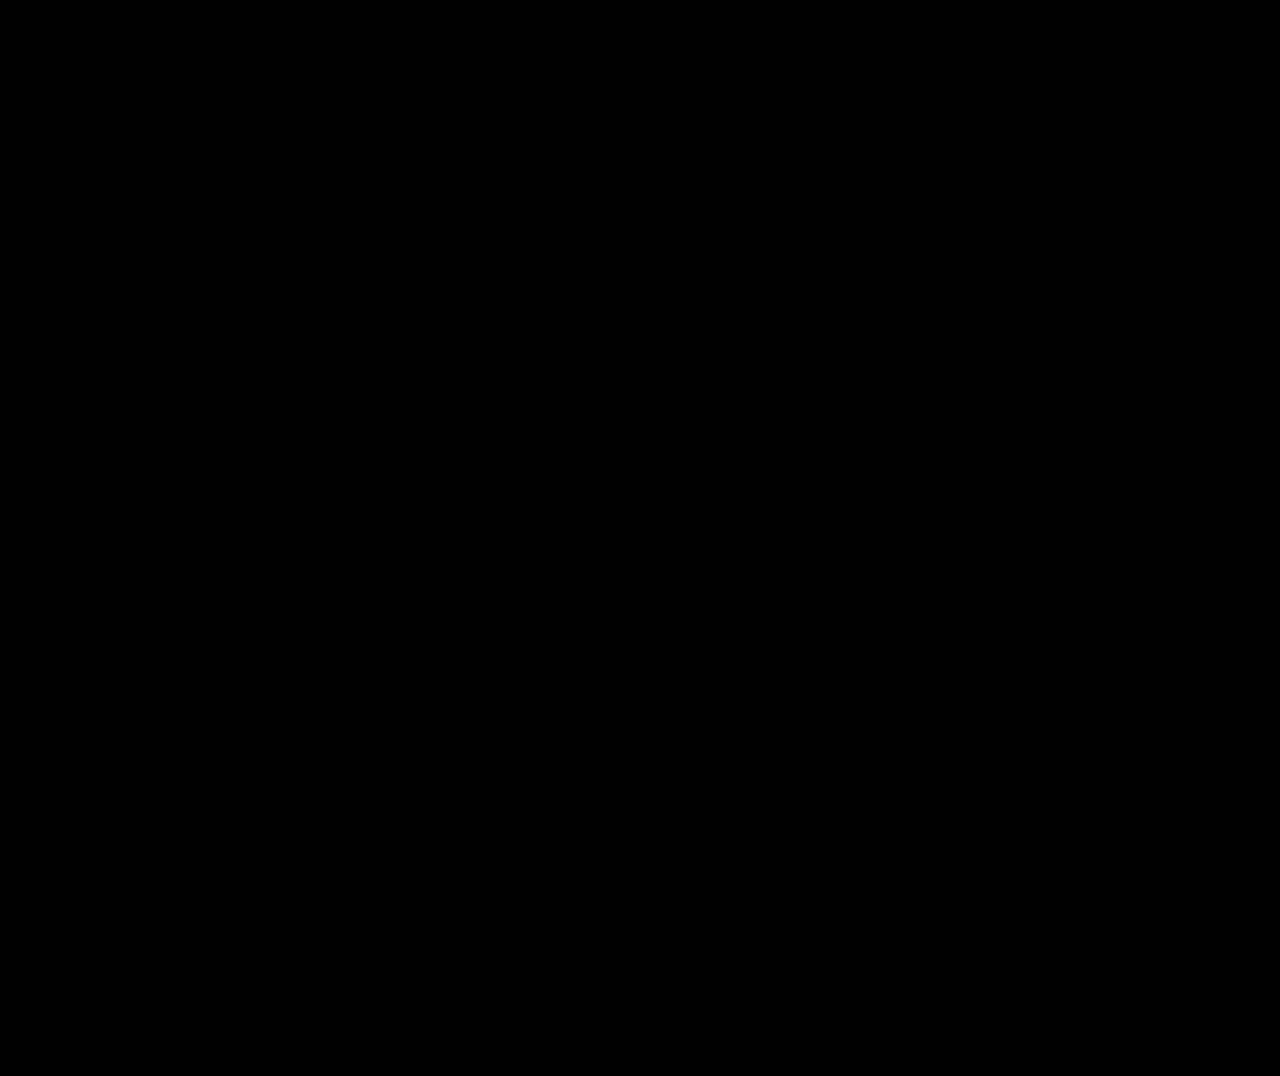 Fancy Version Of The F2u Saber Base By Littleclifford On Deviantart In 2021 Warrior Cats Fan Art Drawing Base Cartoon Art Styles [ 1076 x 1280 Pixel ]